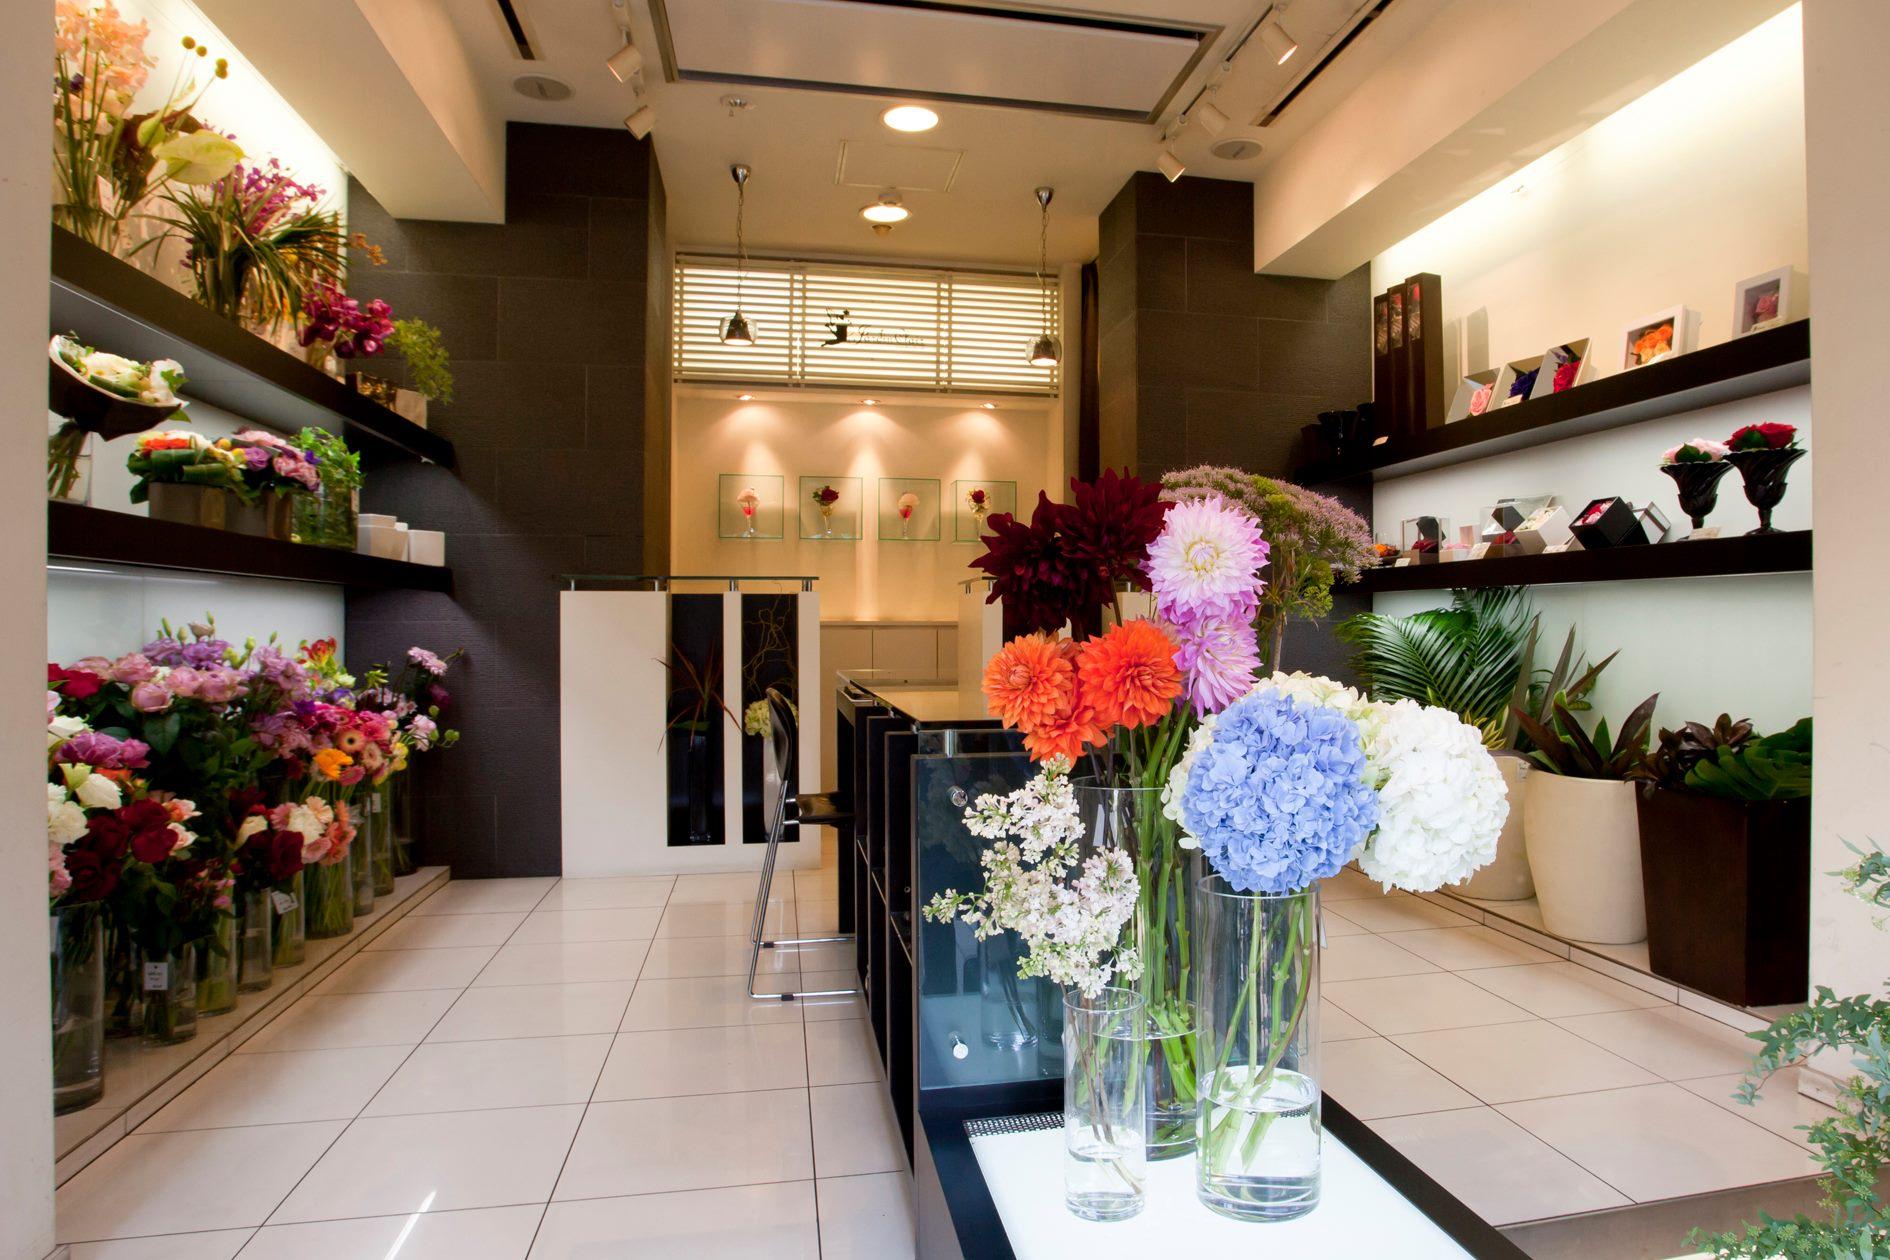 神戸のお花屋さん「flower shop Jardin Clair(フラワーショップ ジャルダン・クレール)」の店内。白を基調に明るい店内に季節のお花が所狭しとディスプレイされている